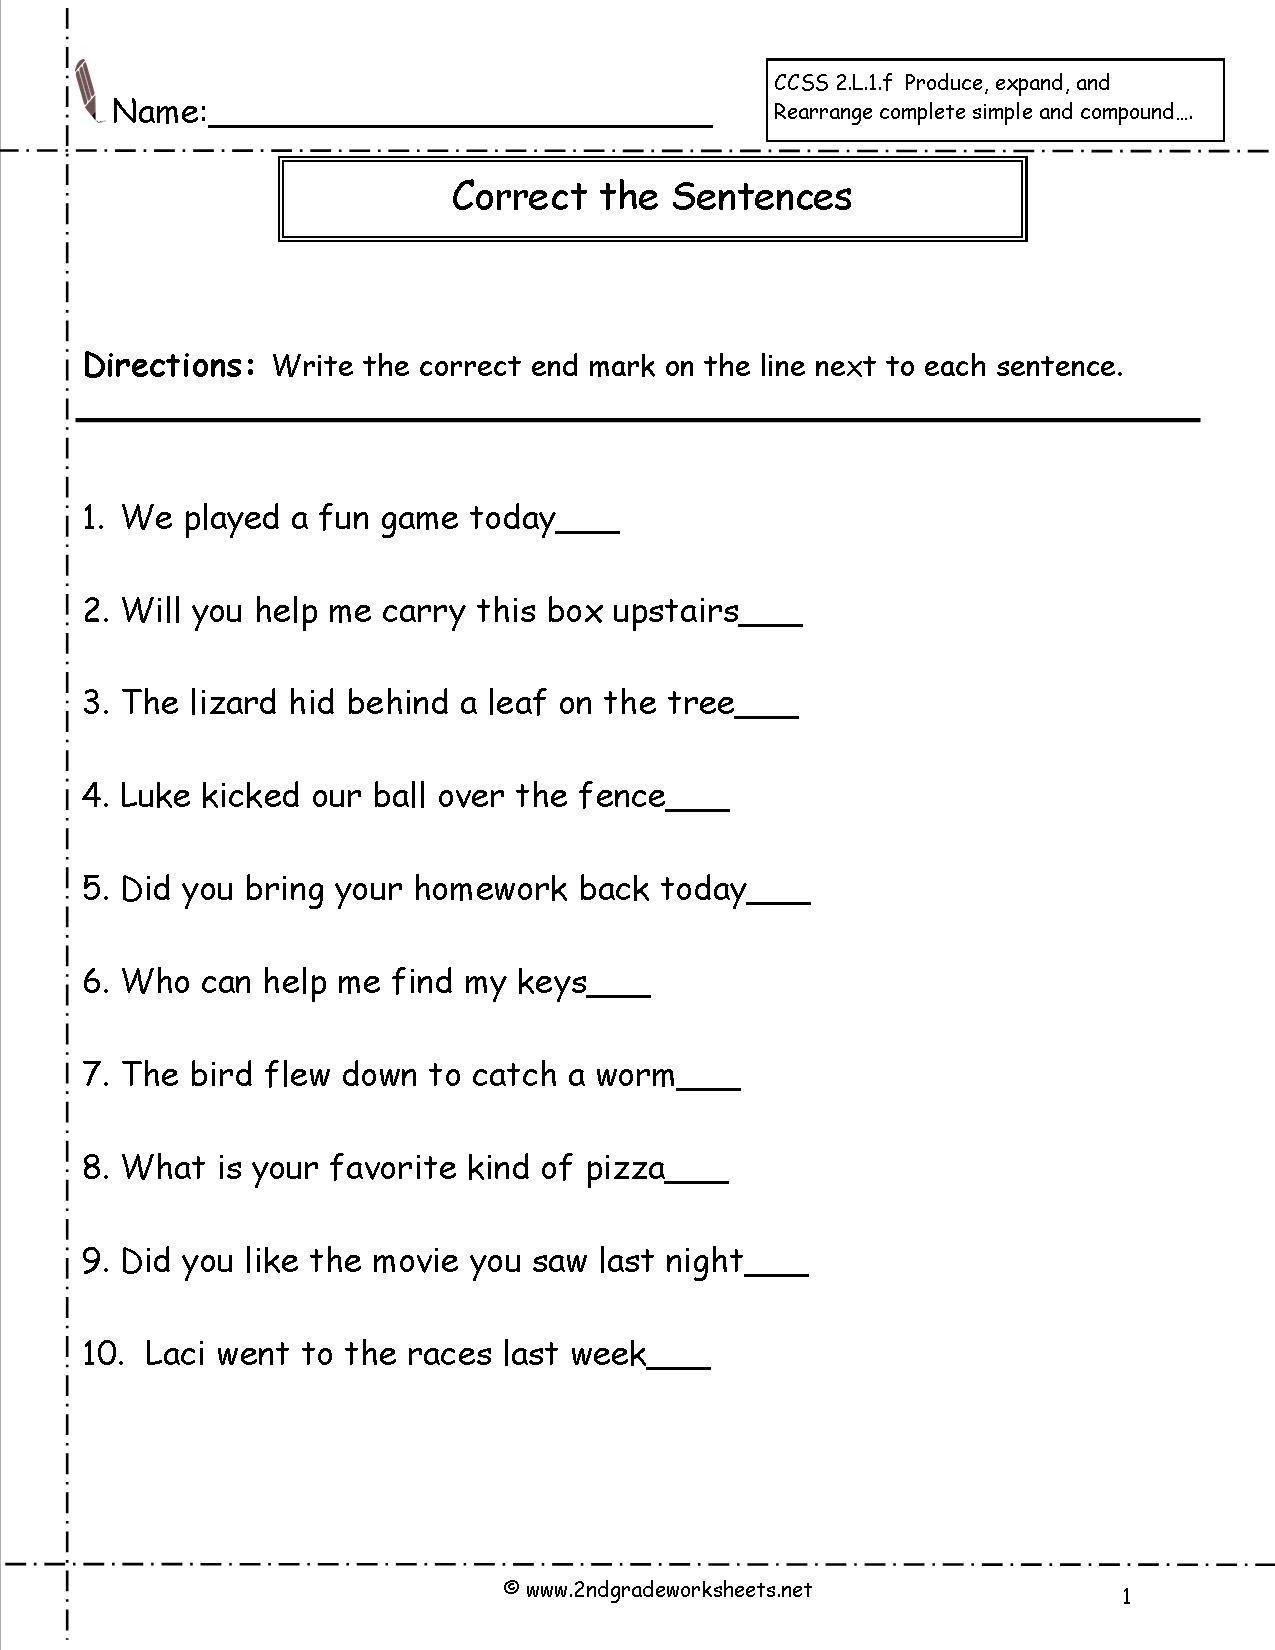 Second Grade Sentences Worksheets [ 1650 x 1275 Pixel ]